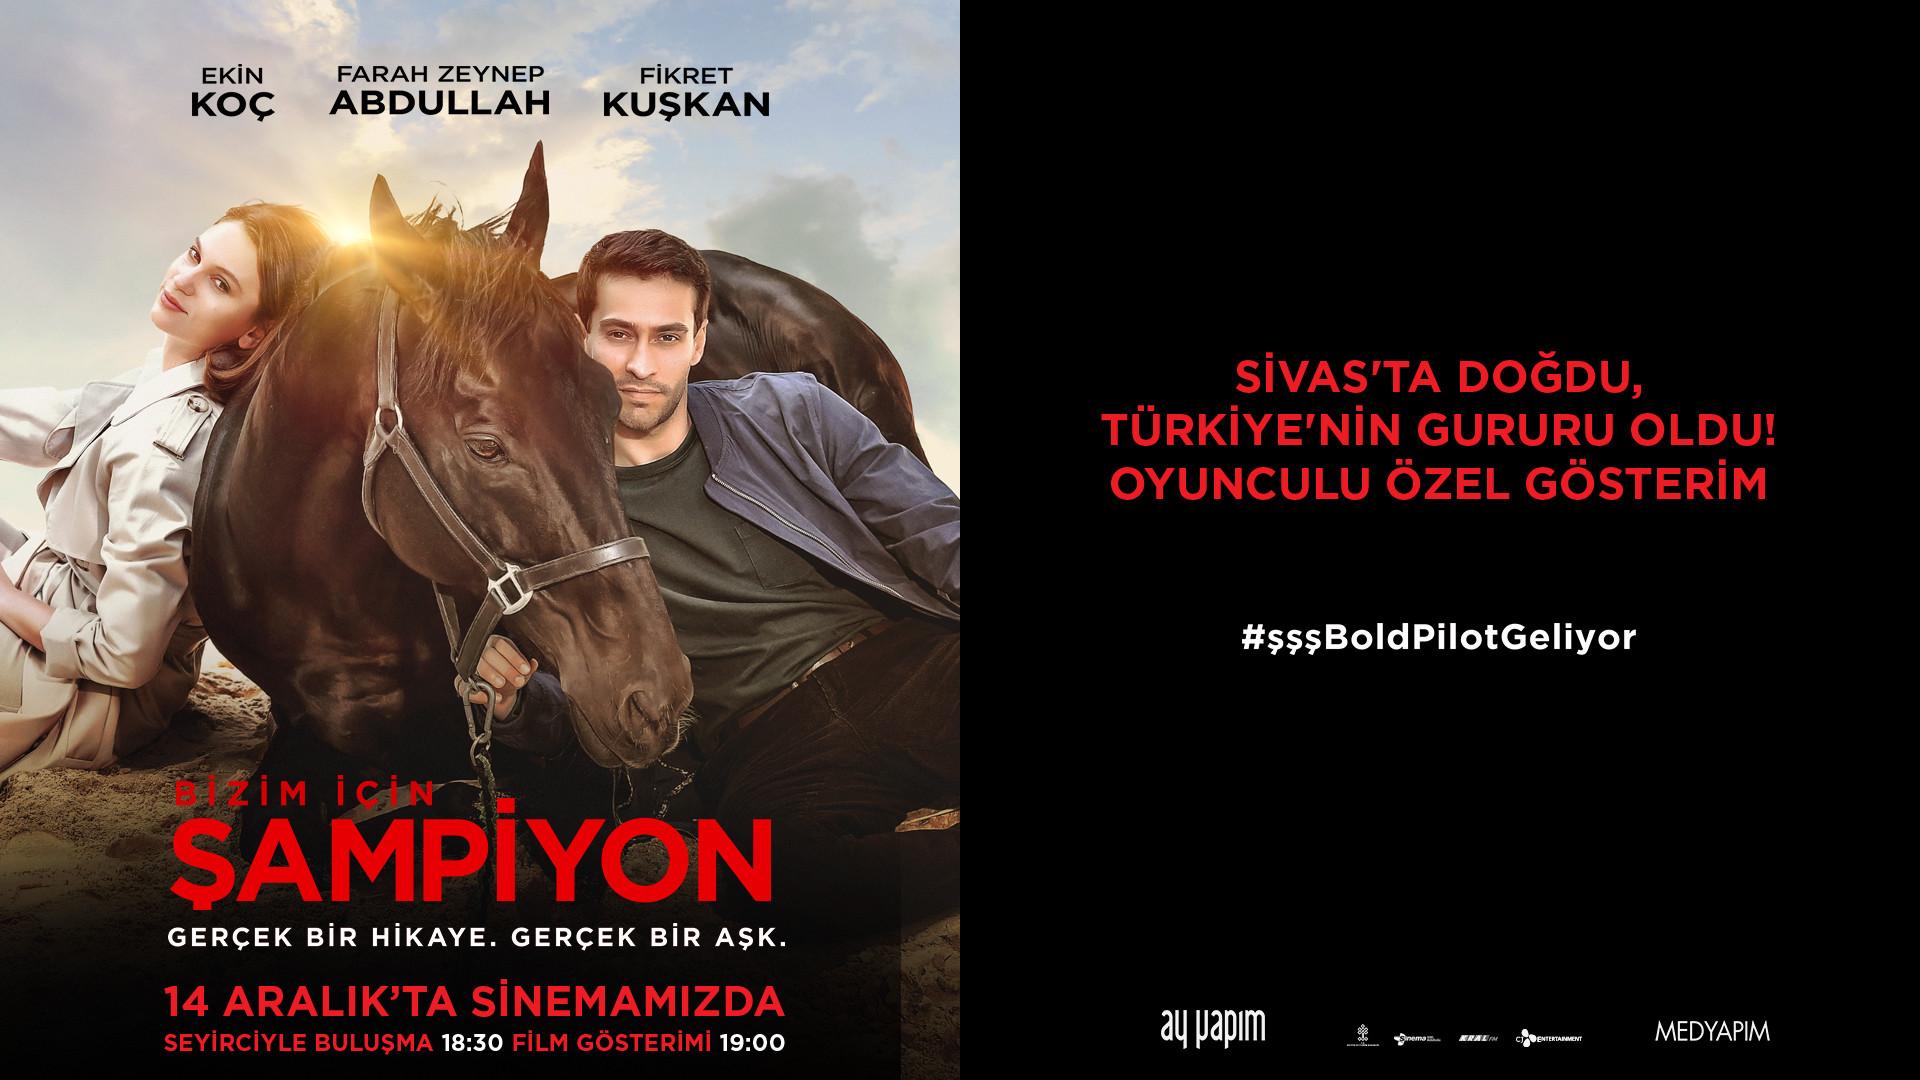 Sivasta Doğru Türkiye'nin Gururu Oldu. Oyunculu Özel Gösterim